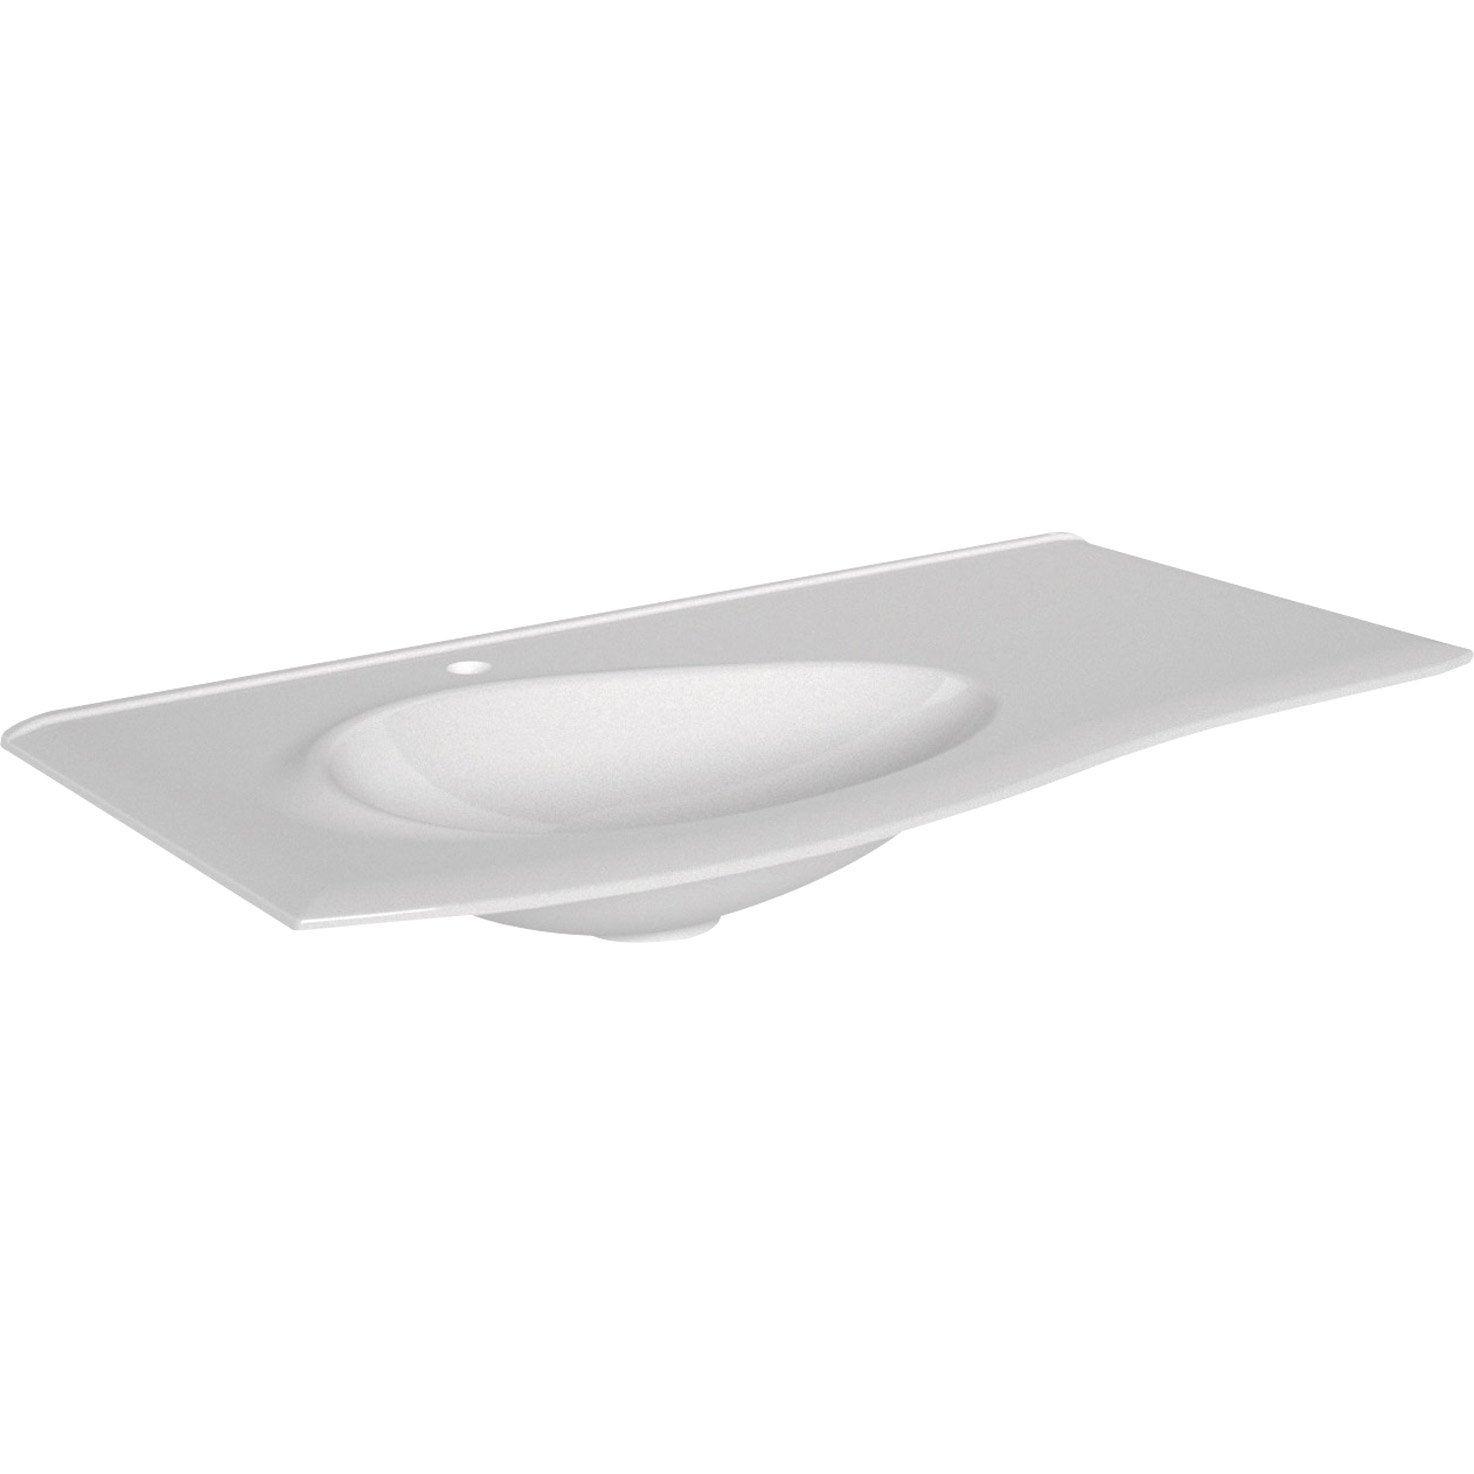 Plan Vasque 1 Robinet Resine 100 Cm : Plan vasque simple elegance résine de synthèse cm